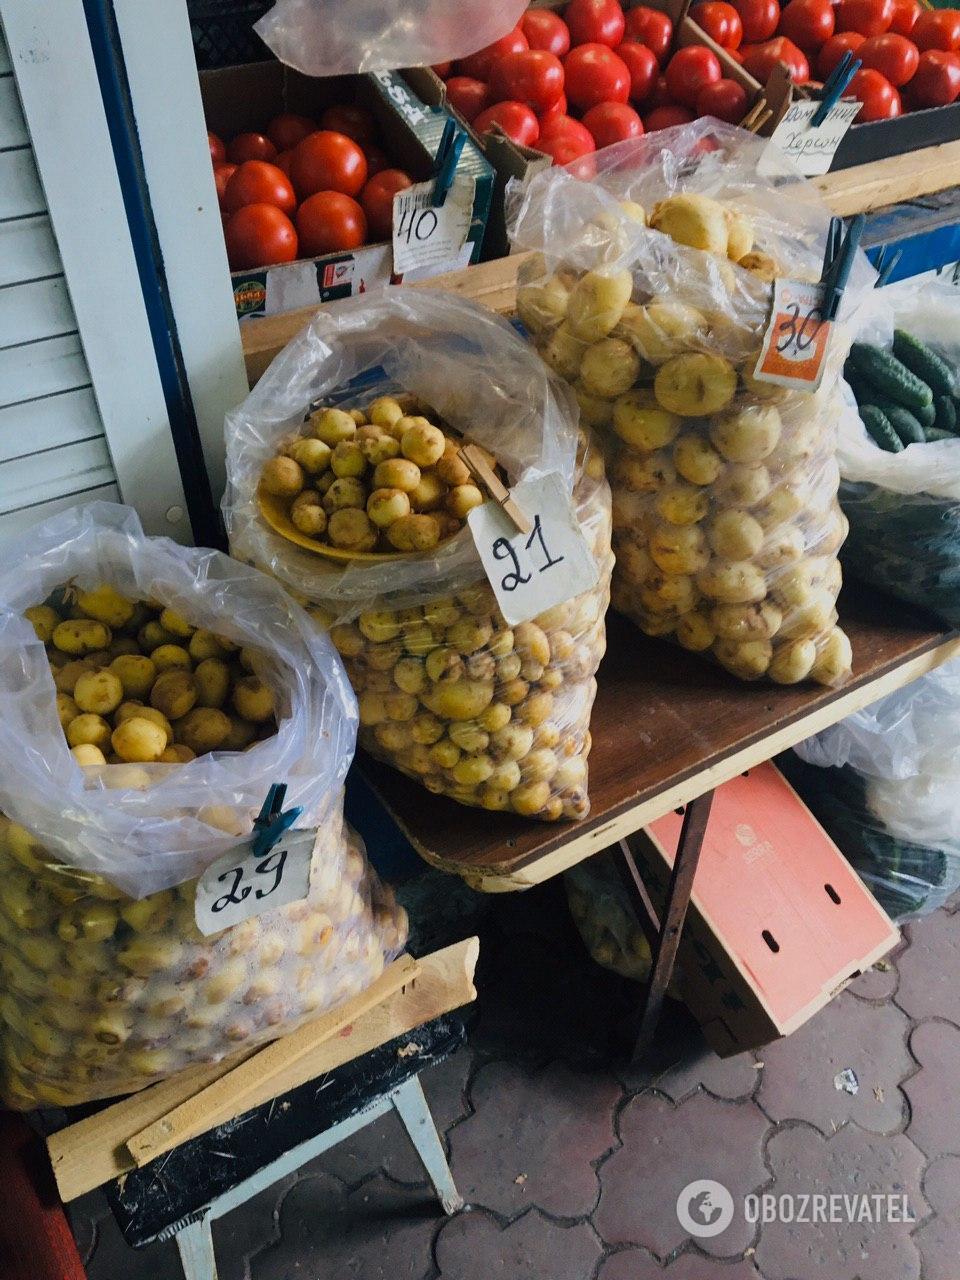 Стоимость молодого картофеля на рынке варьируется от 21 до 30 гривен